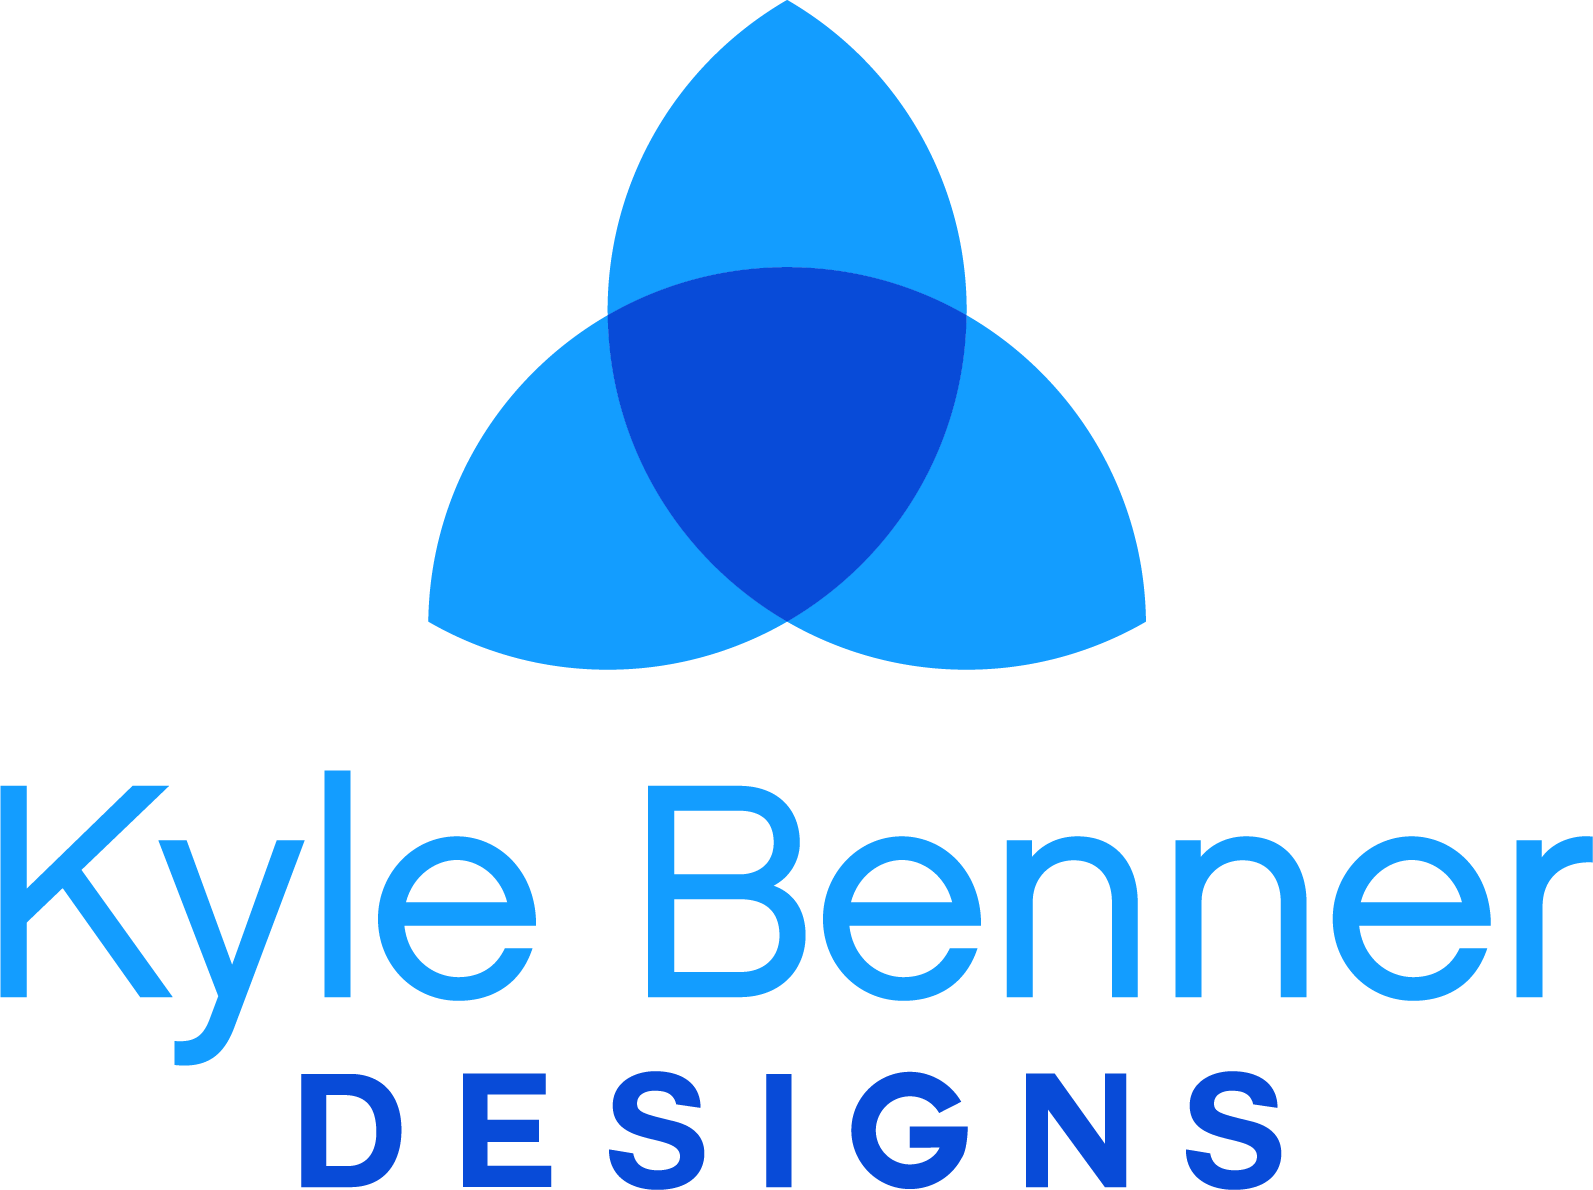 Kyle Benner Designs Logo